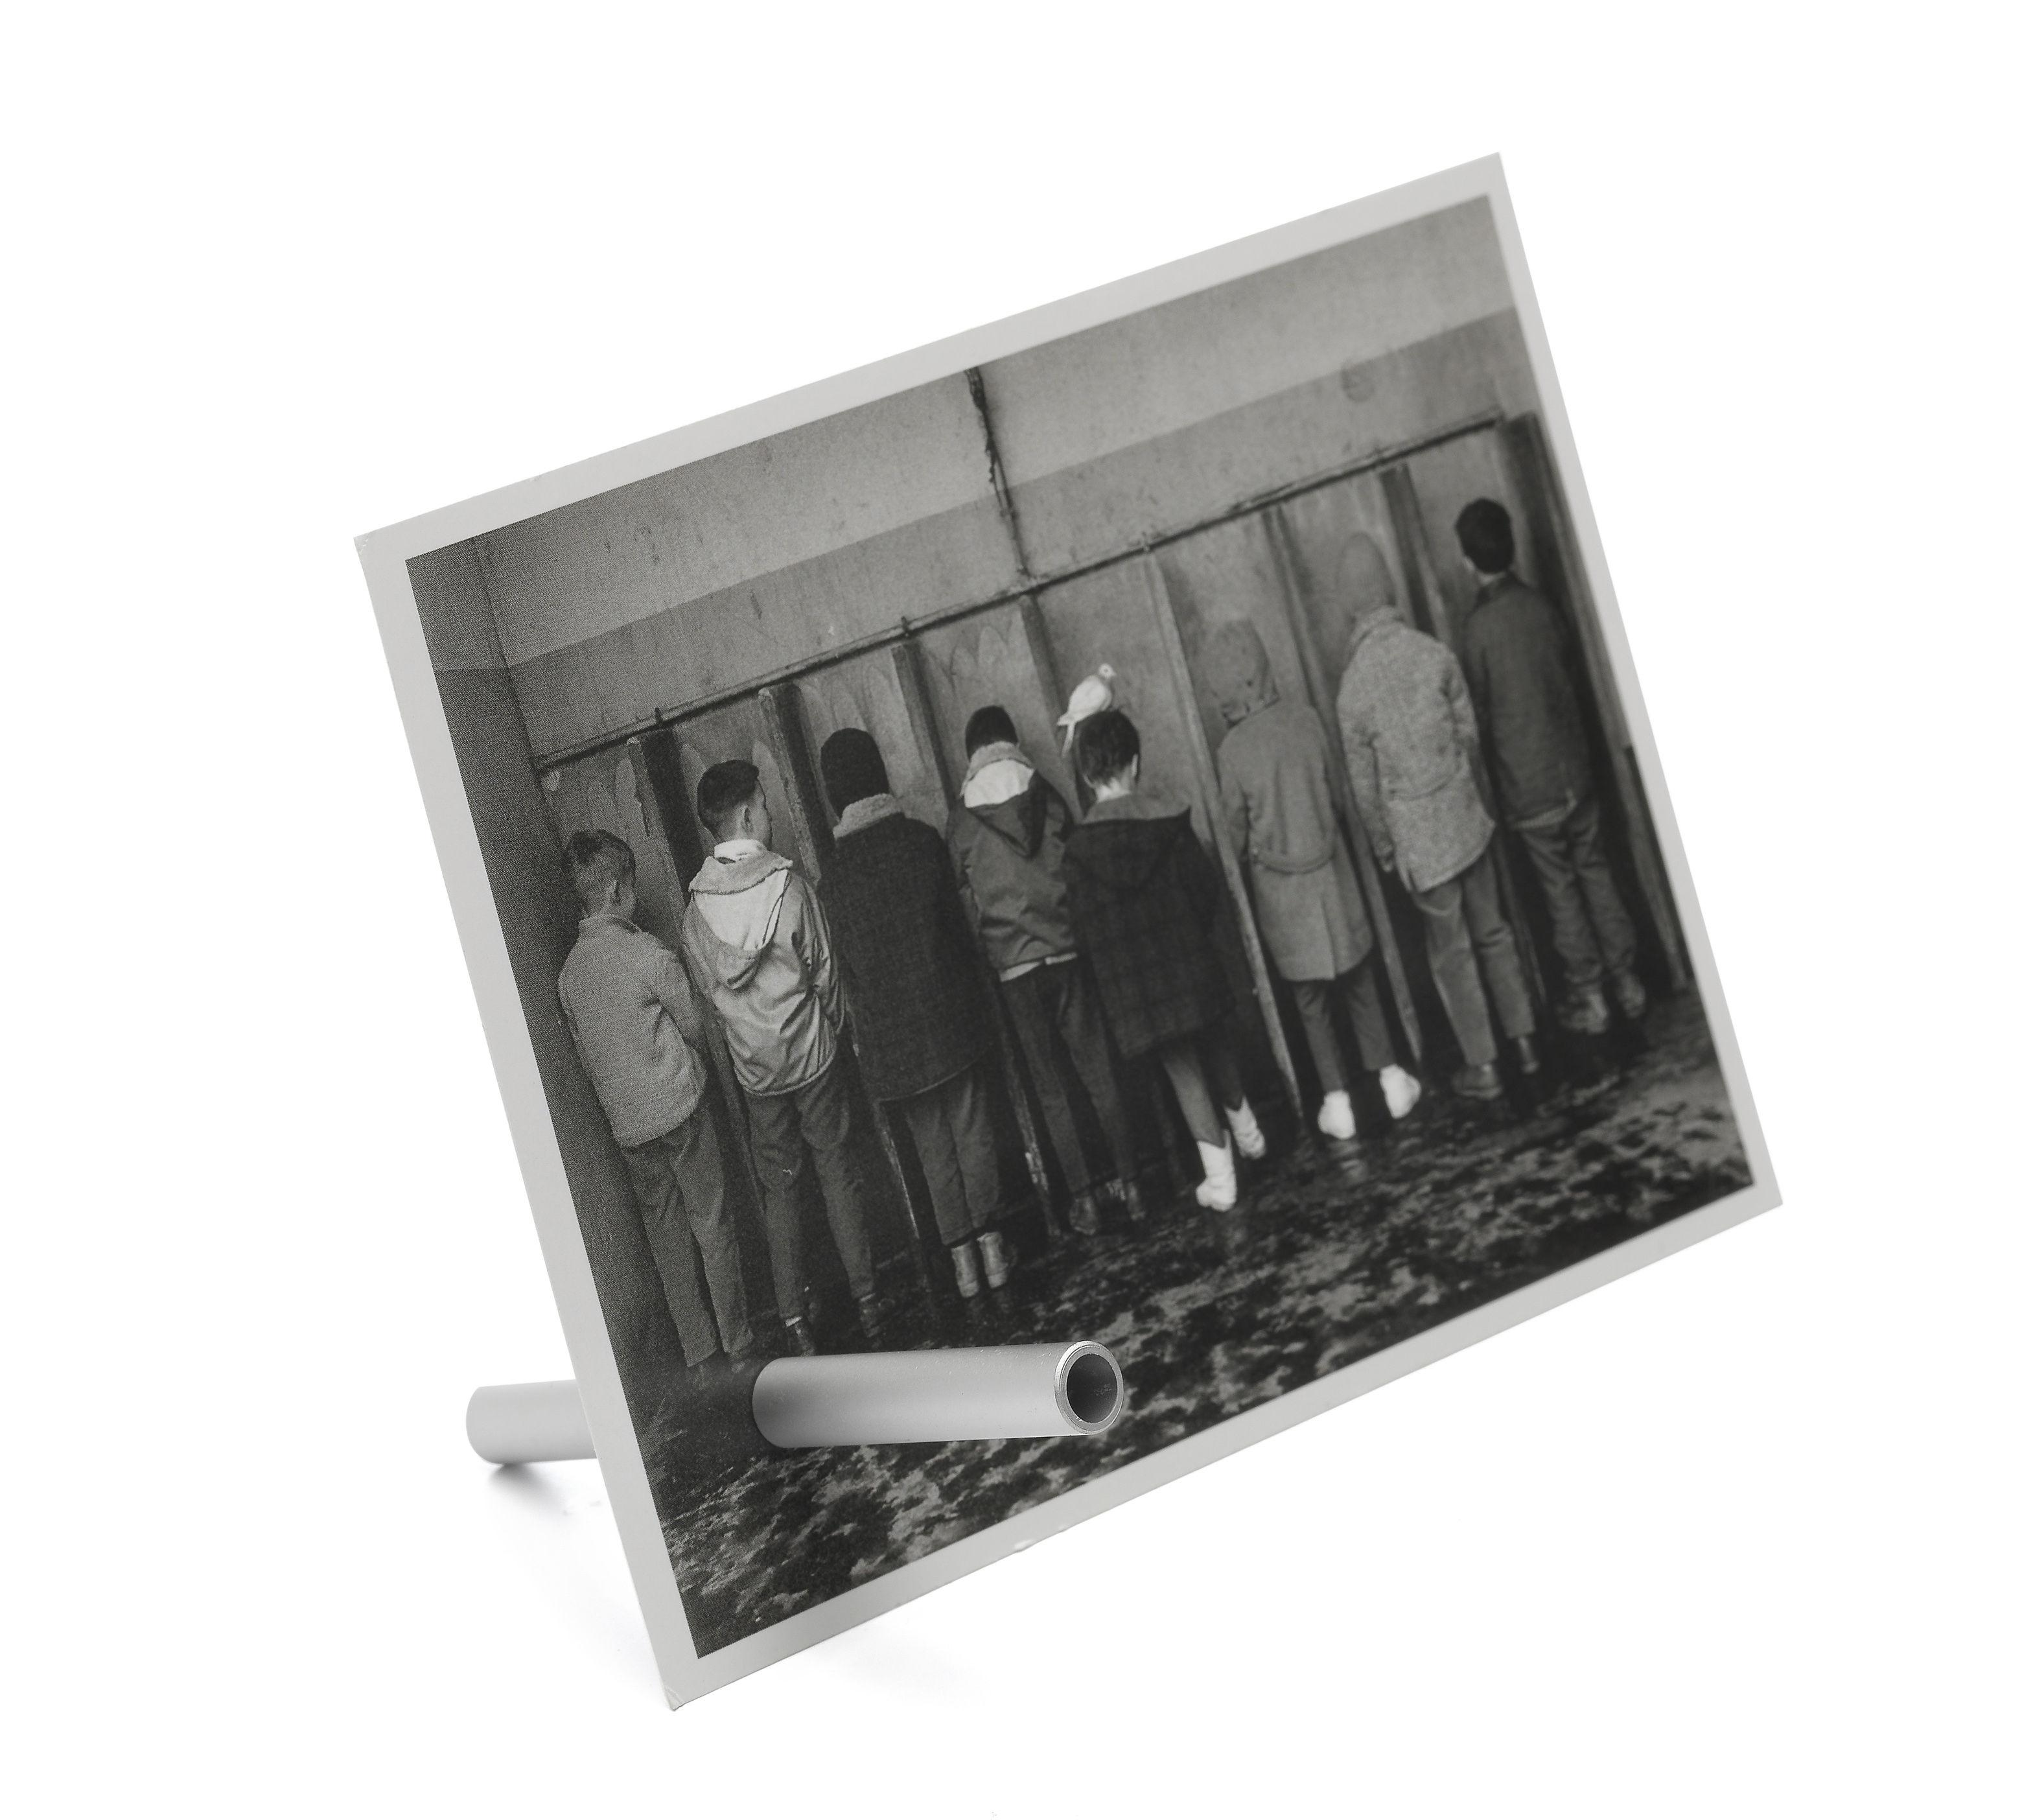 Déco - Objets déco et cadres-photos - Porte-photo Magnificent / Tube aimanté - Pa Design - Argent - Aluminium